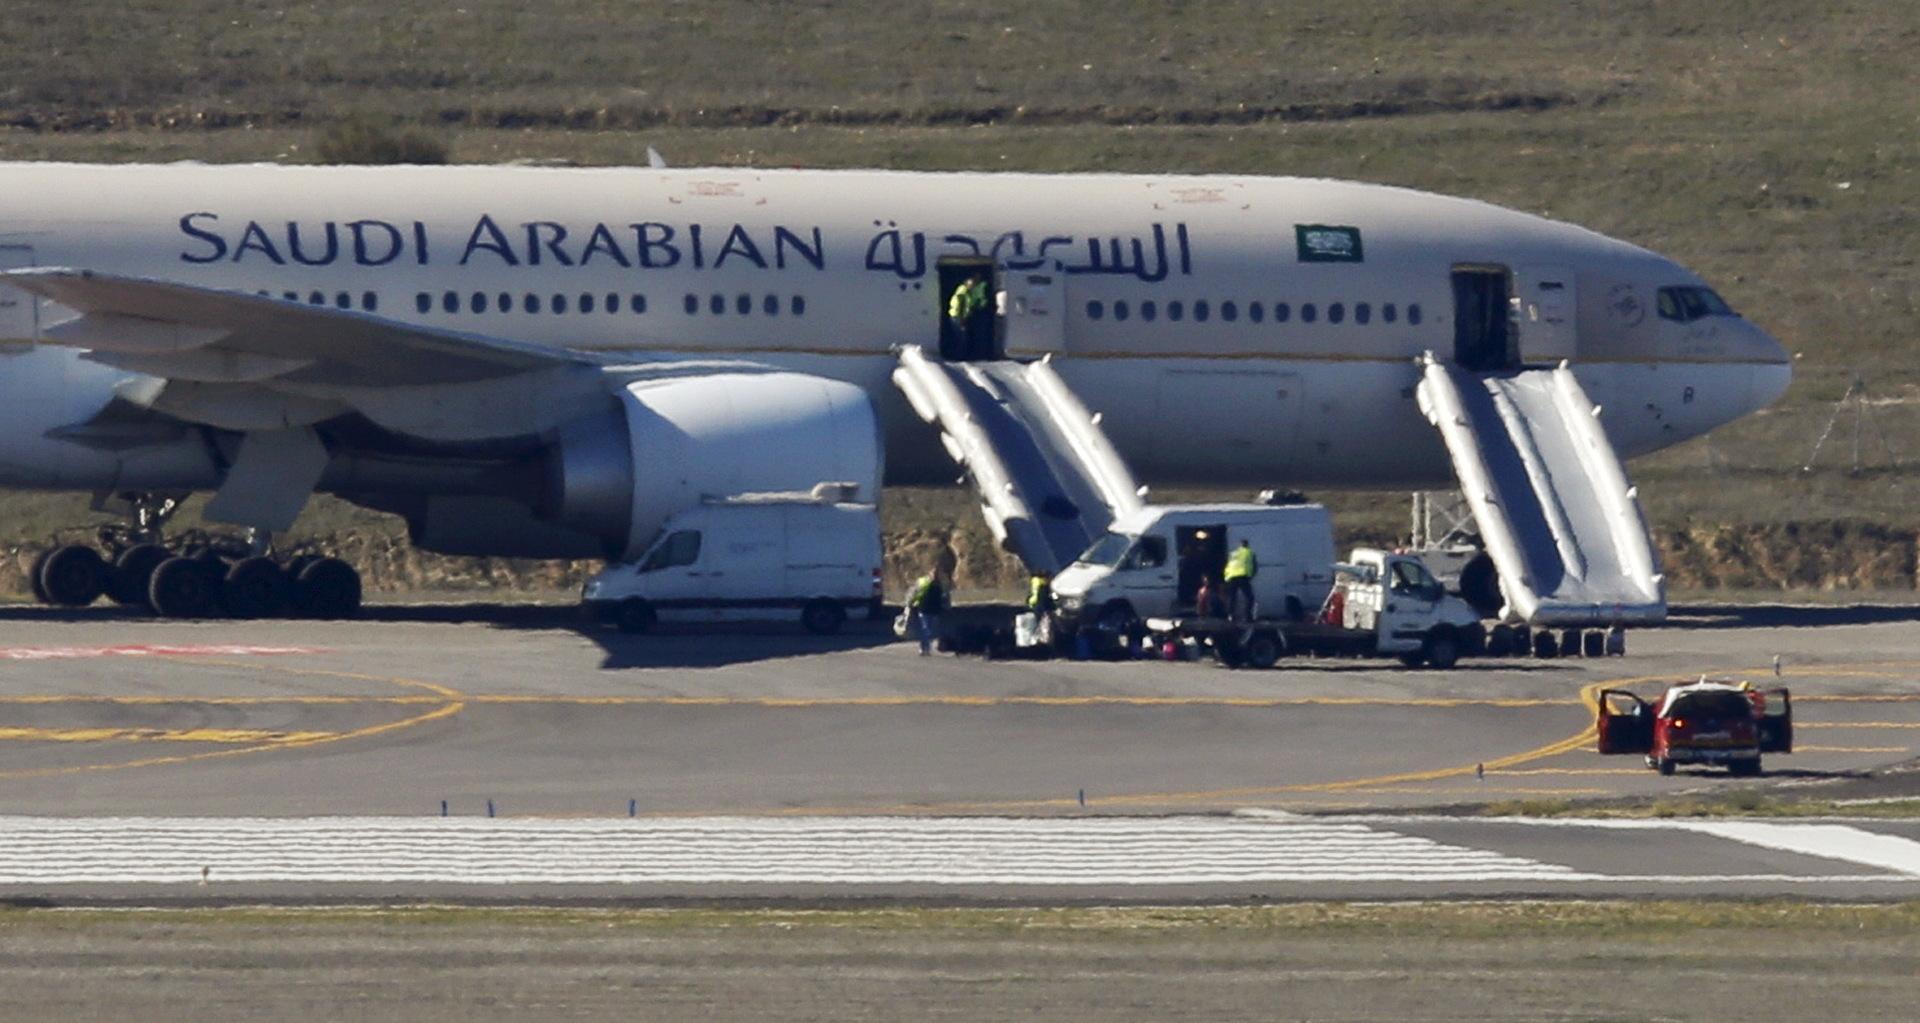 شركة الطيران المدني السعودية تستأنف رحلاتها الدولية في نوفمبر